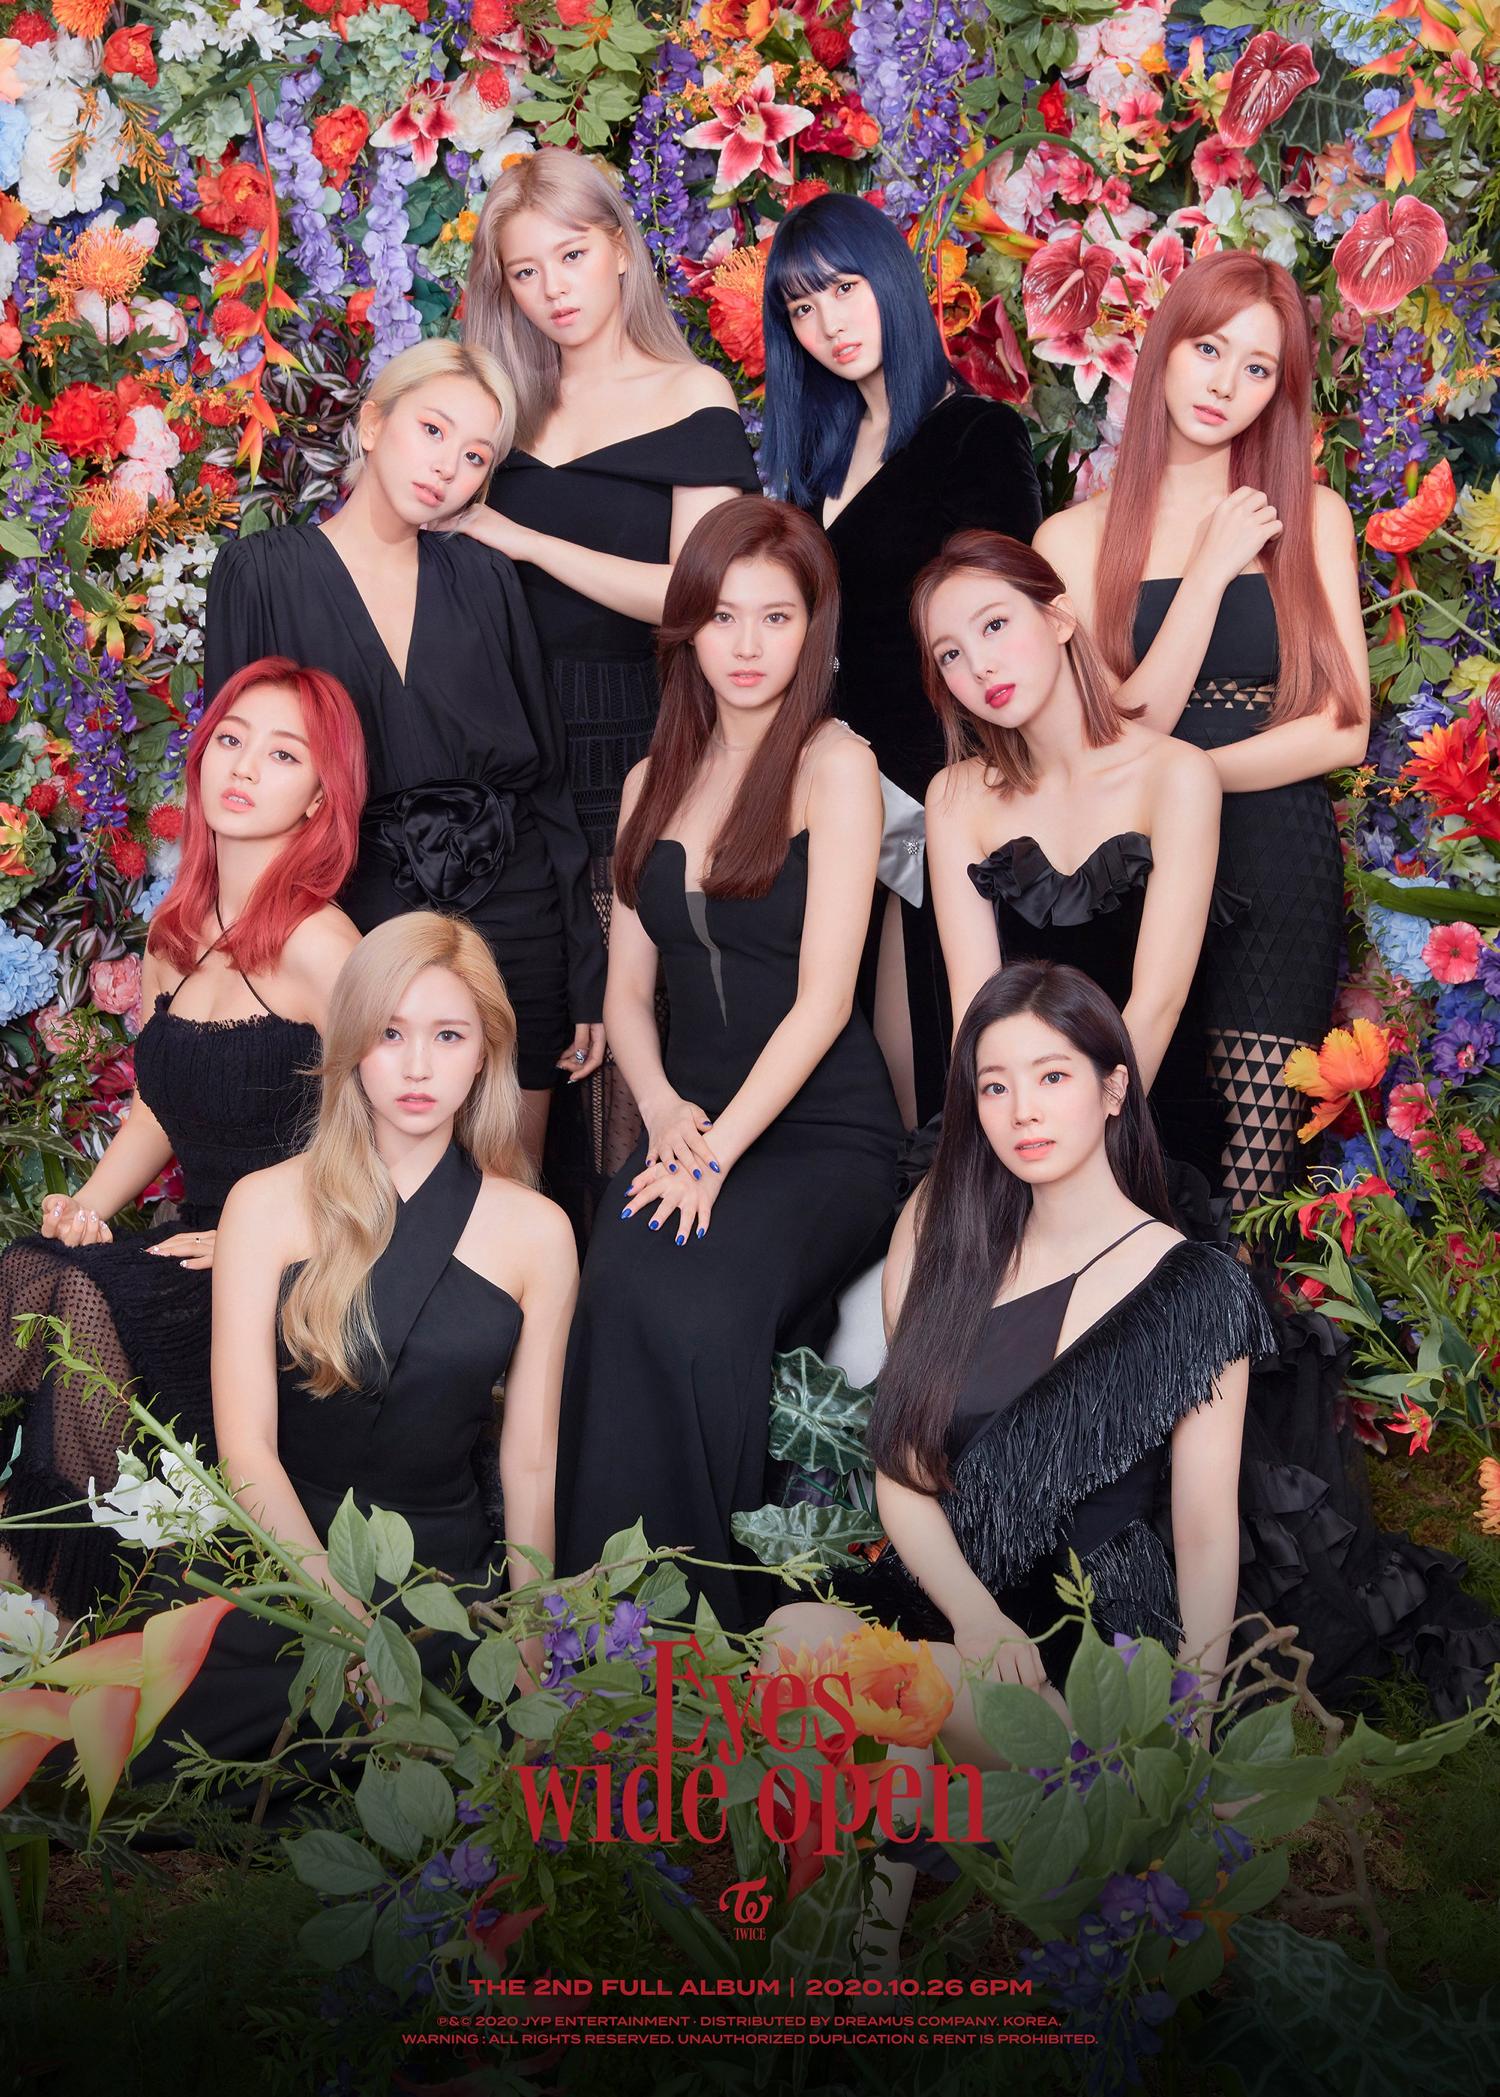 30 nữ idol Kpop hot nhất hiện nay: BLACKPINK đua top trở lại hậu comeback, thứ hạng TWICE và Red Velvet quá khó hiểu - Ảnh 12.